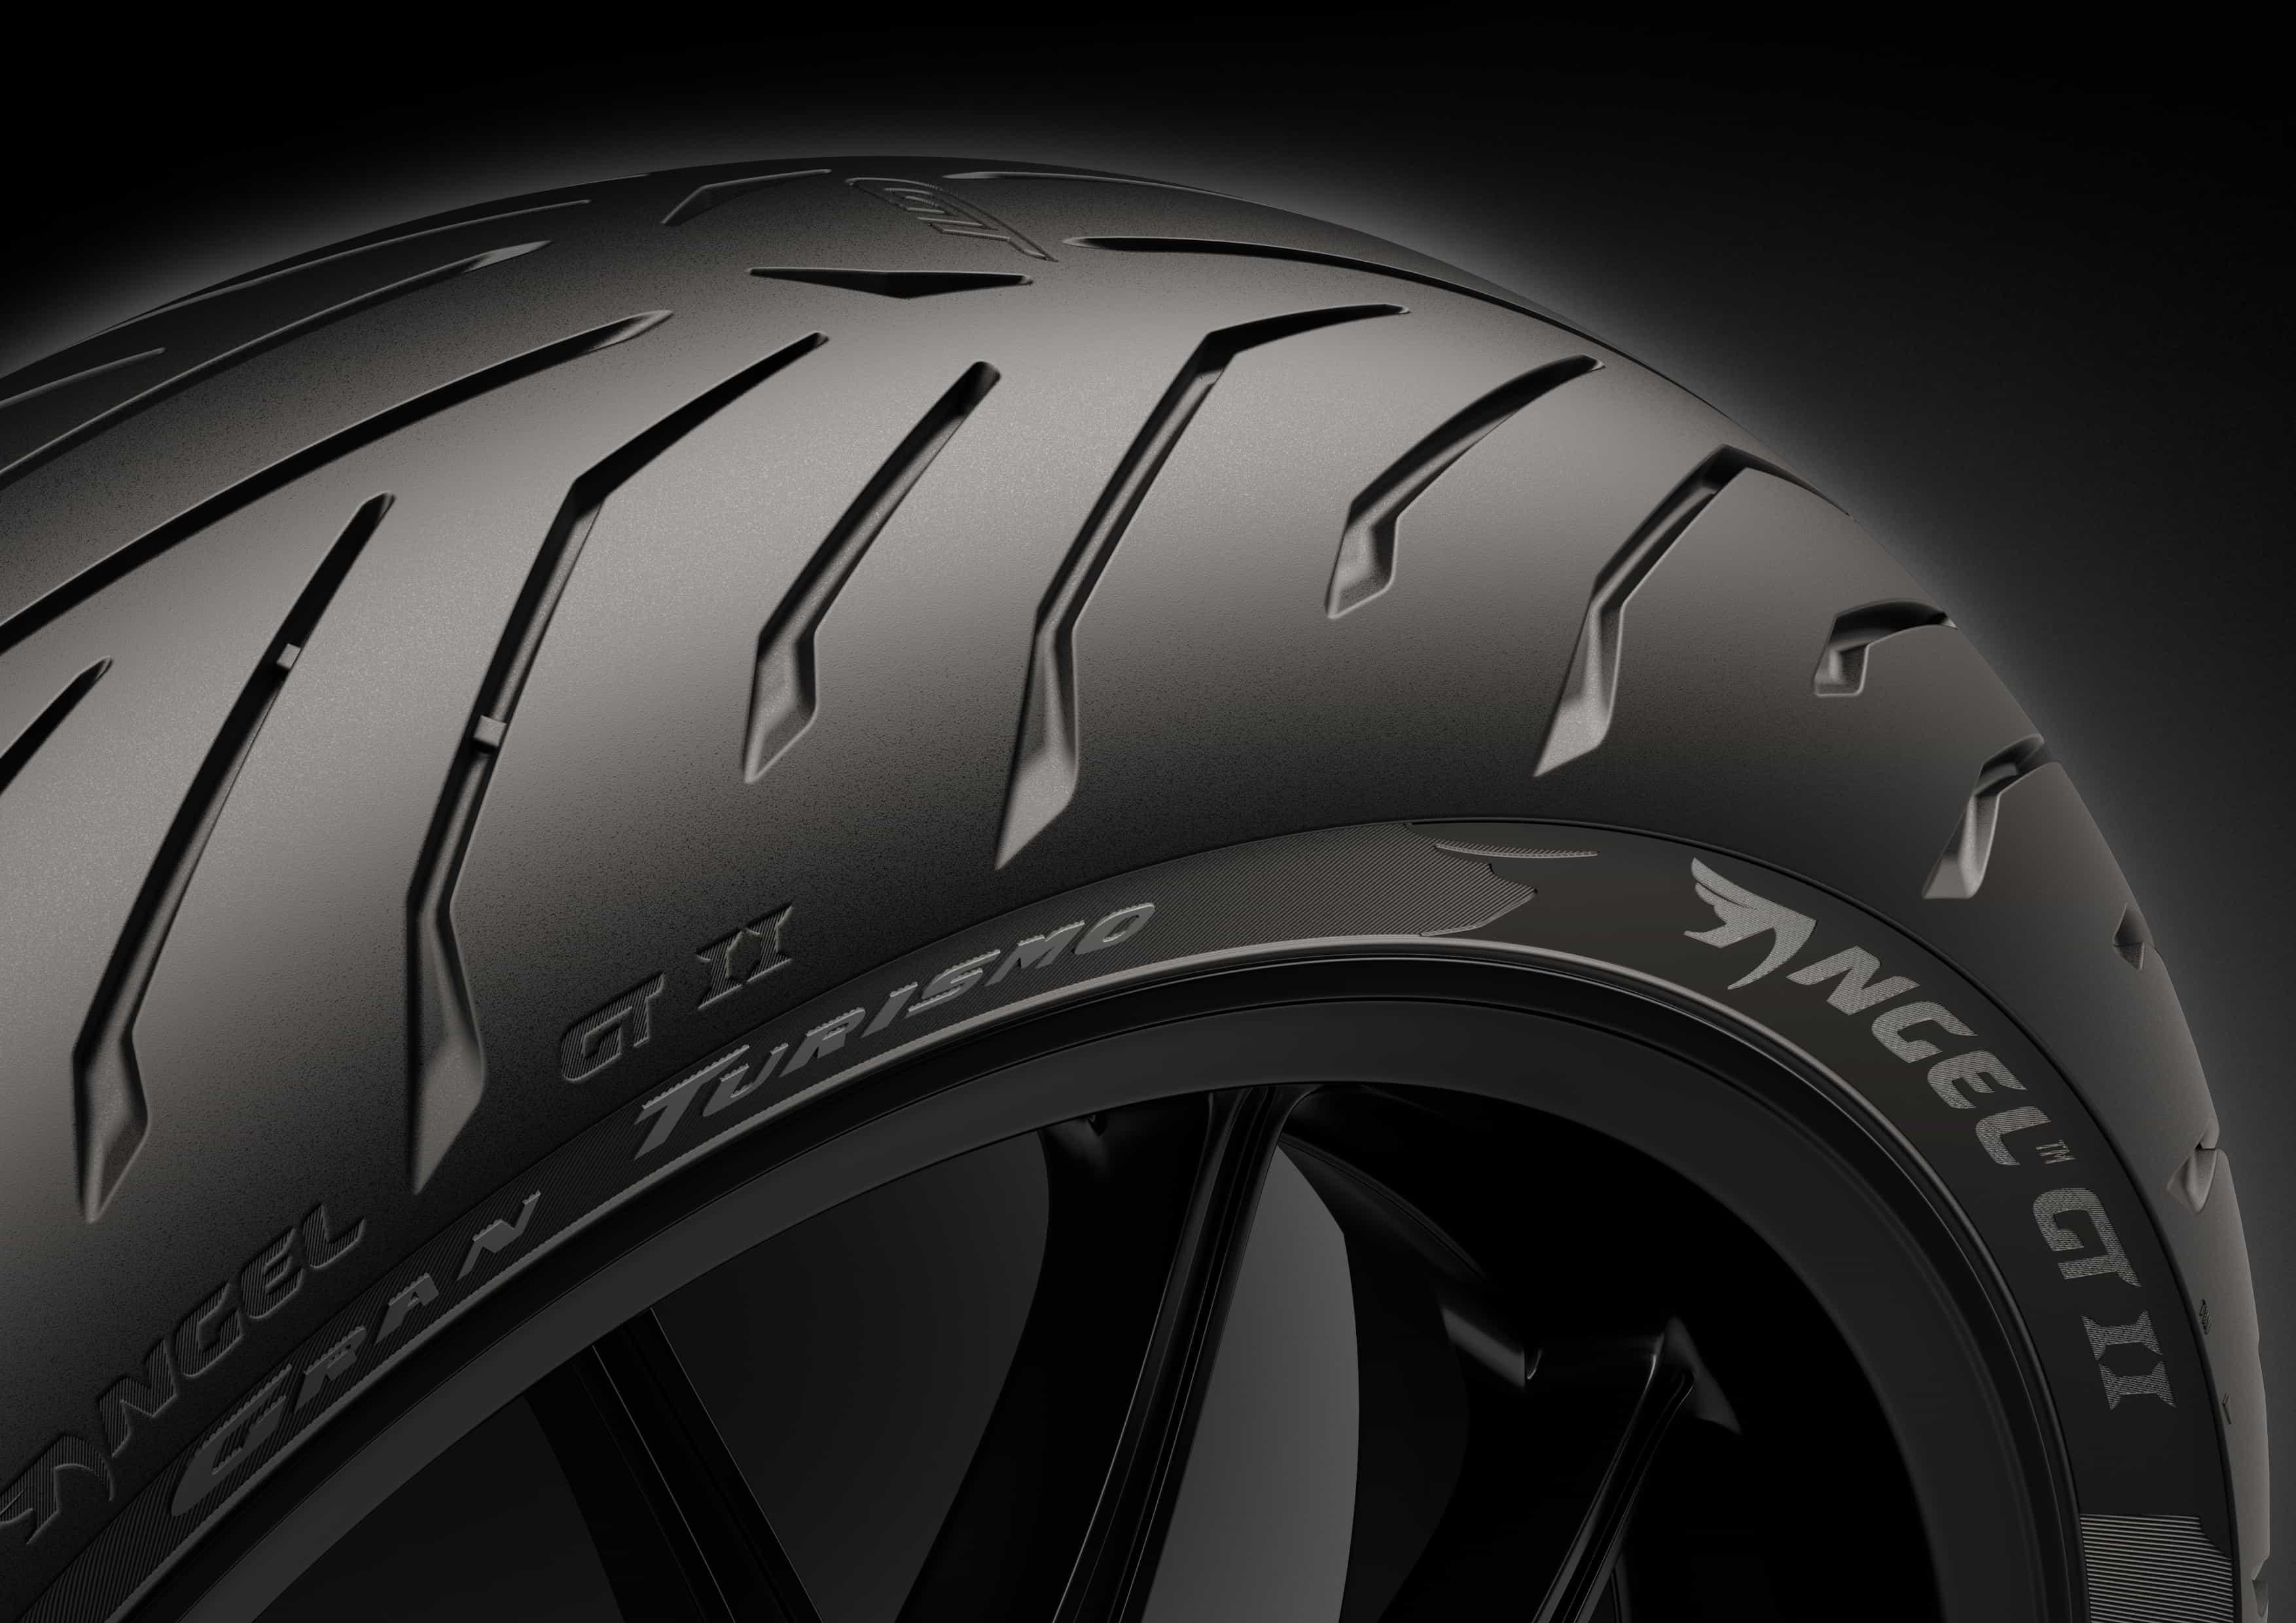 モーターサイクル用スポーツツーリングタイヤ ピレリ「Angel™ GTII」新発売